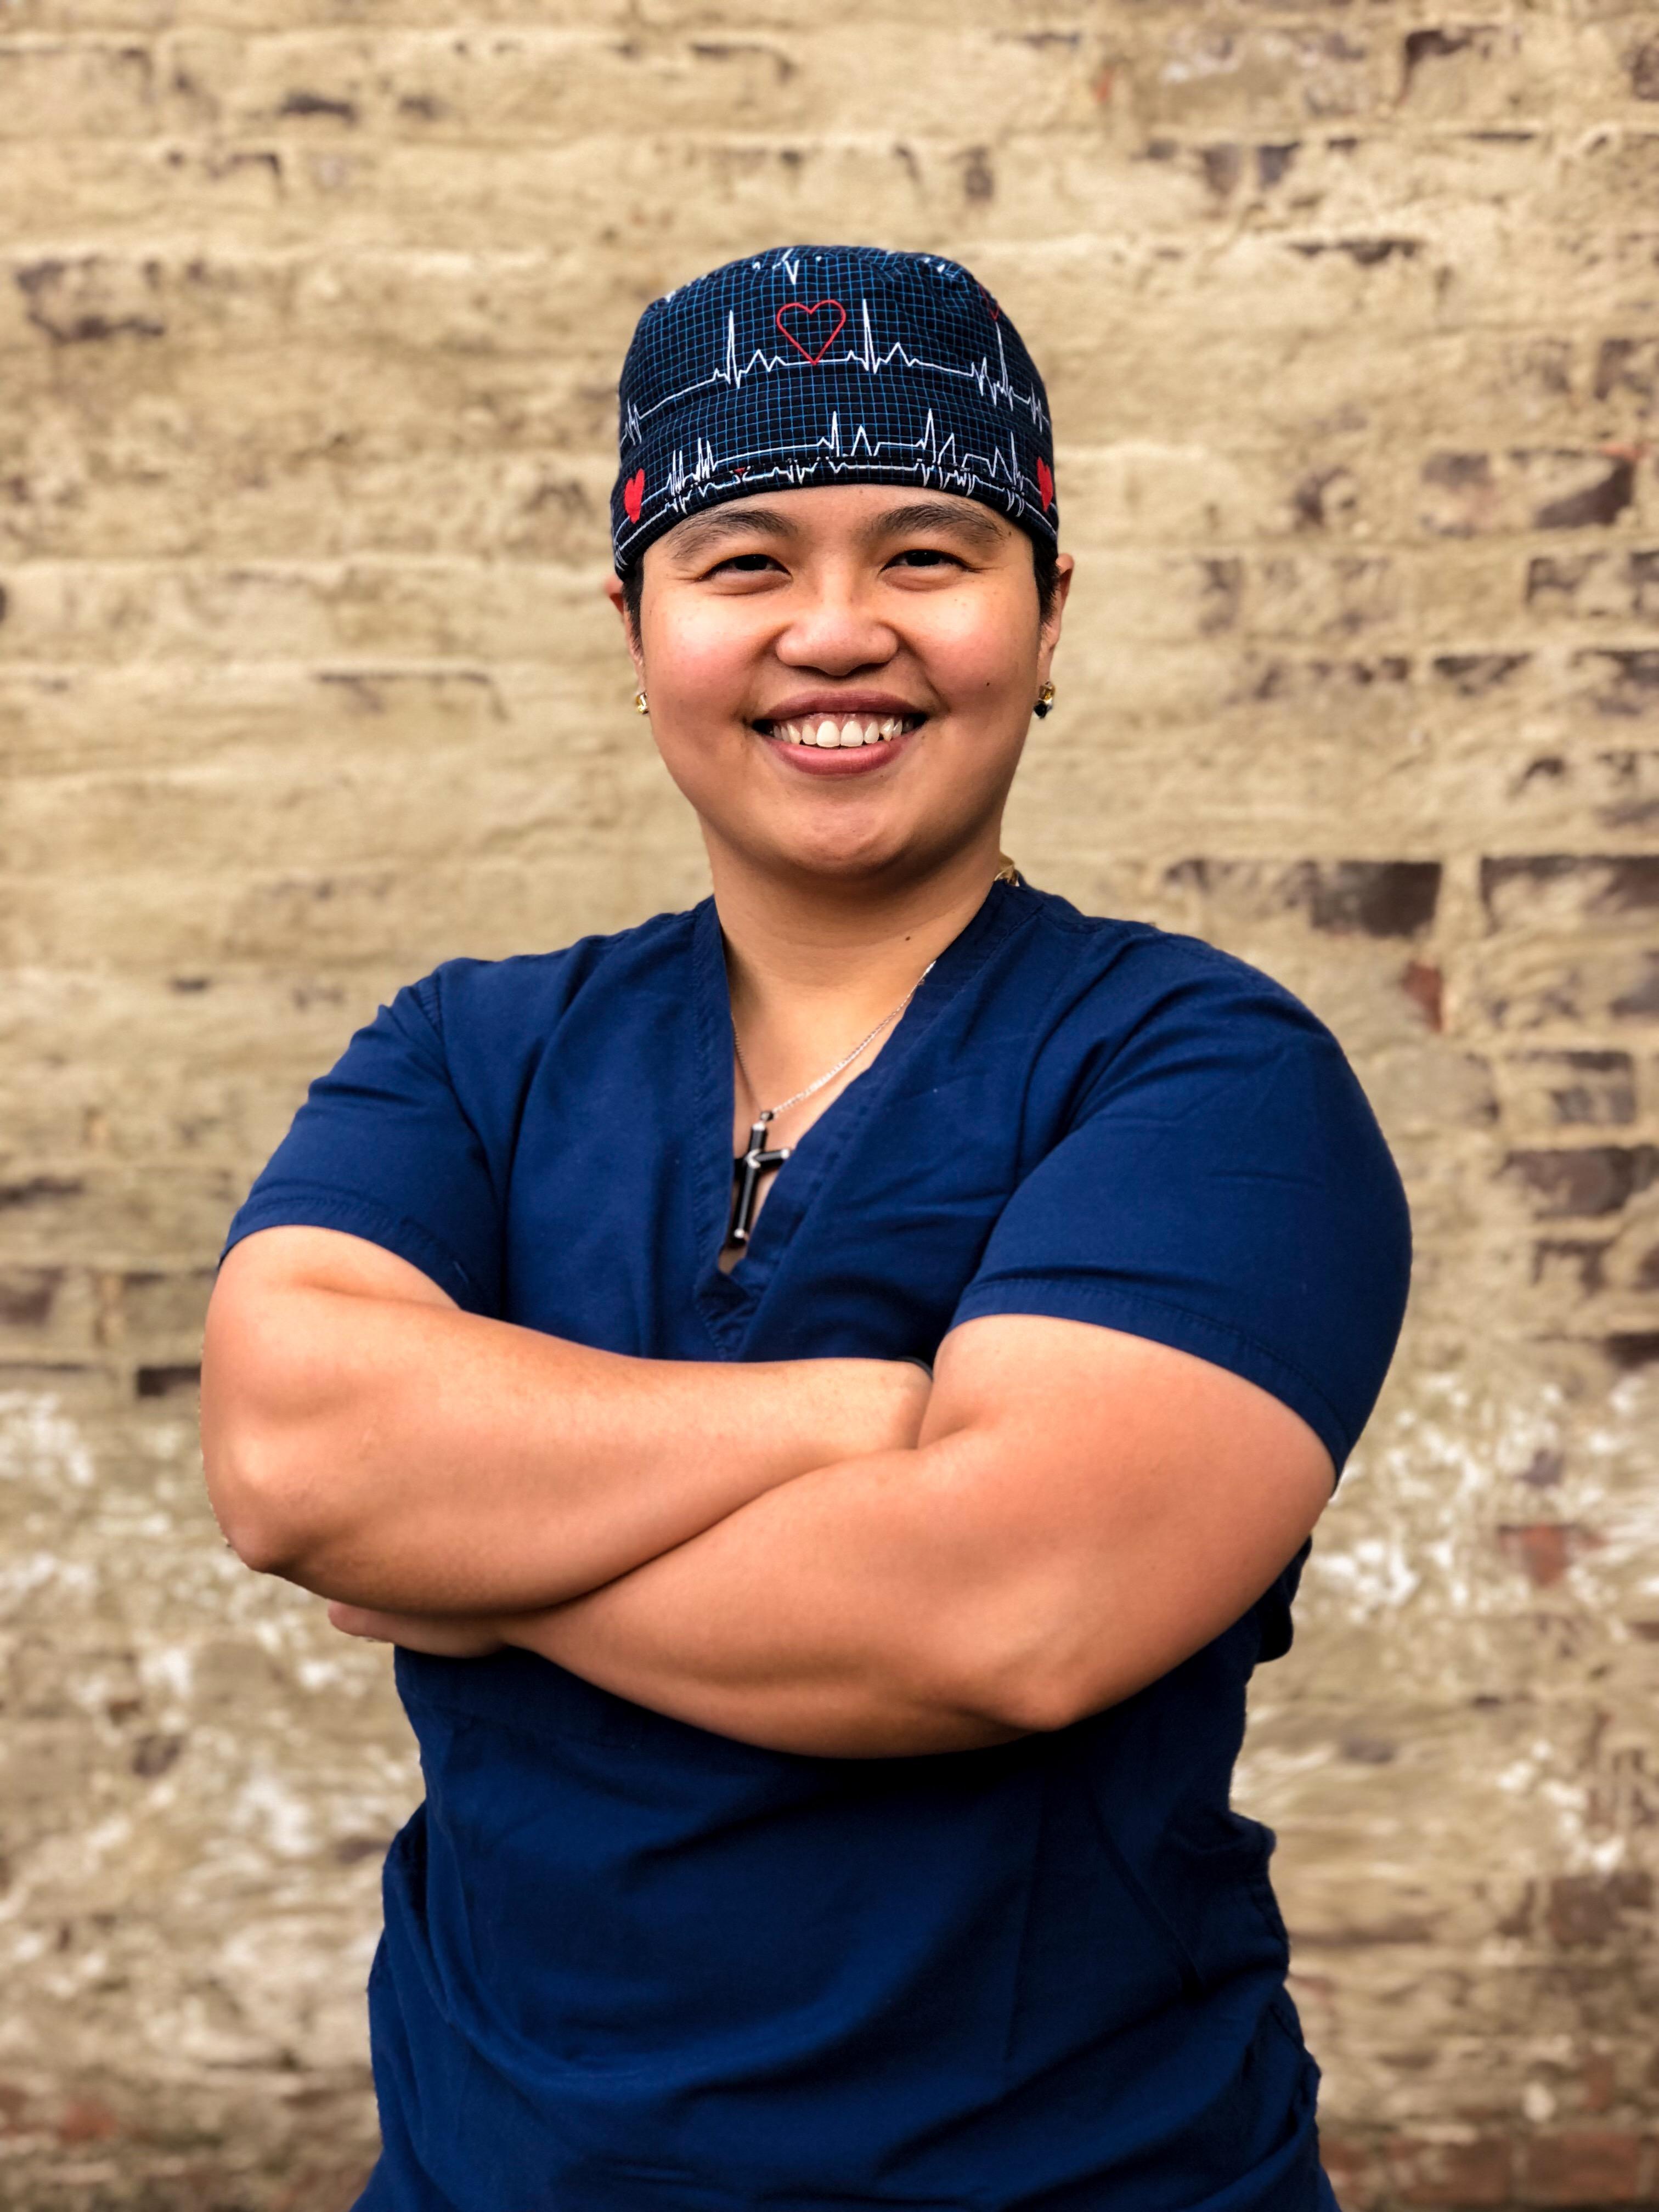 Dr Tu profile picture